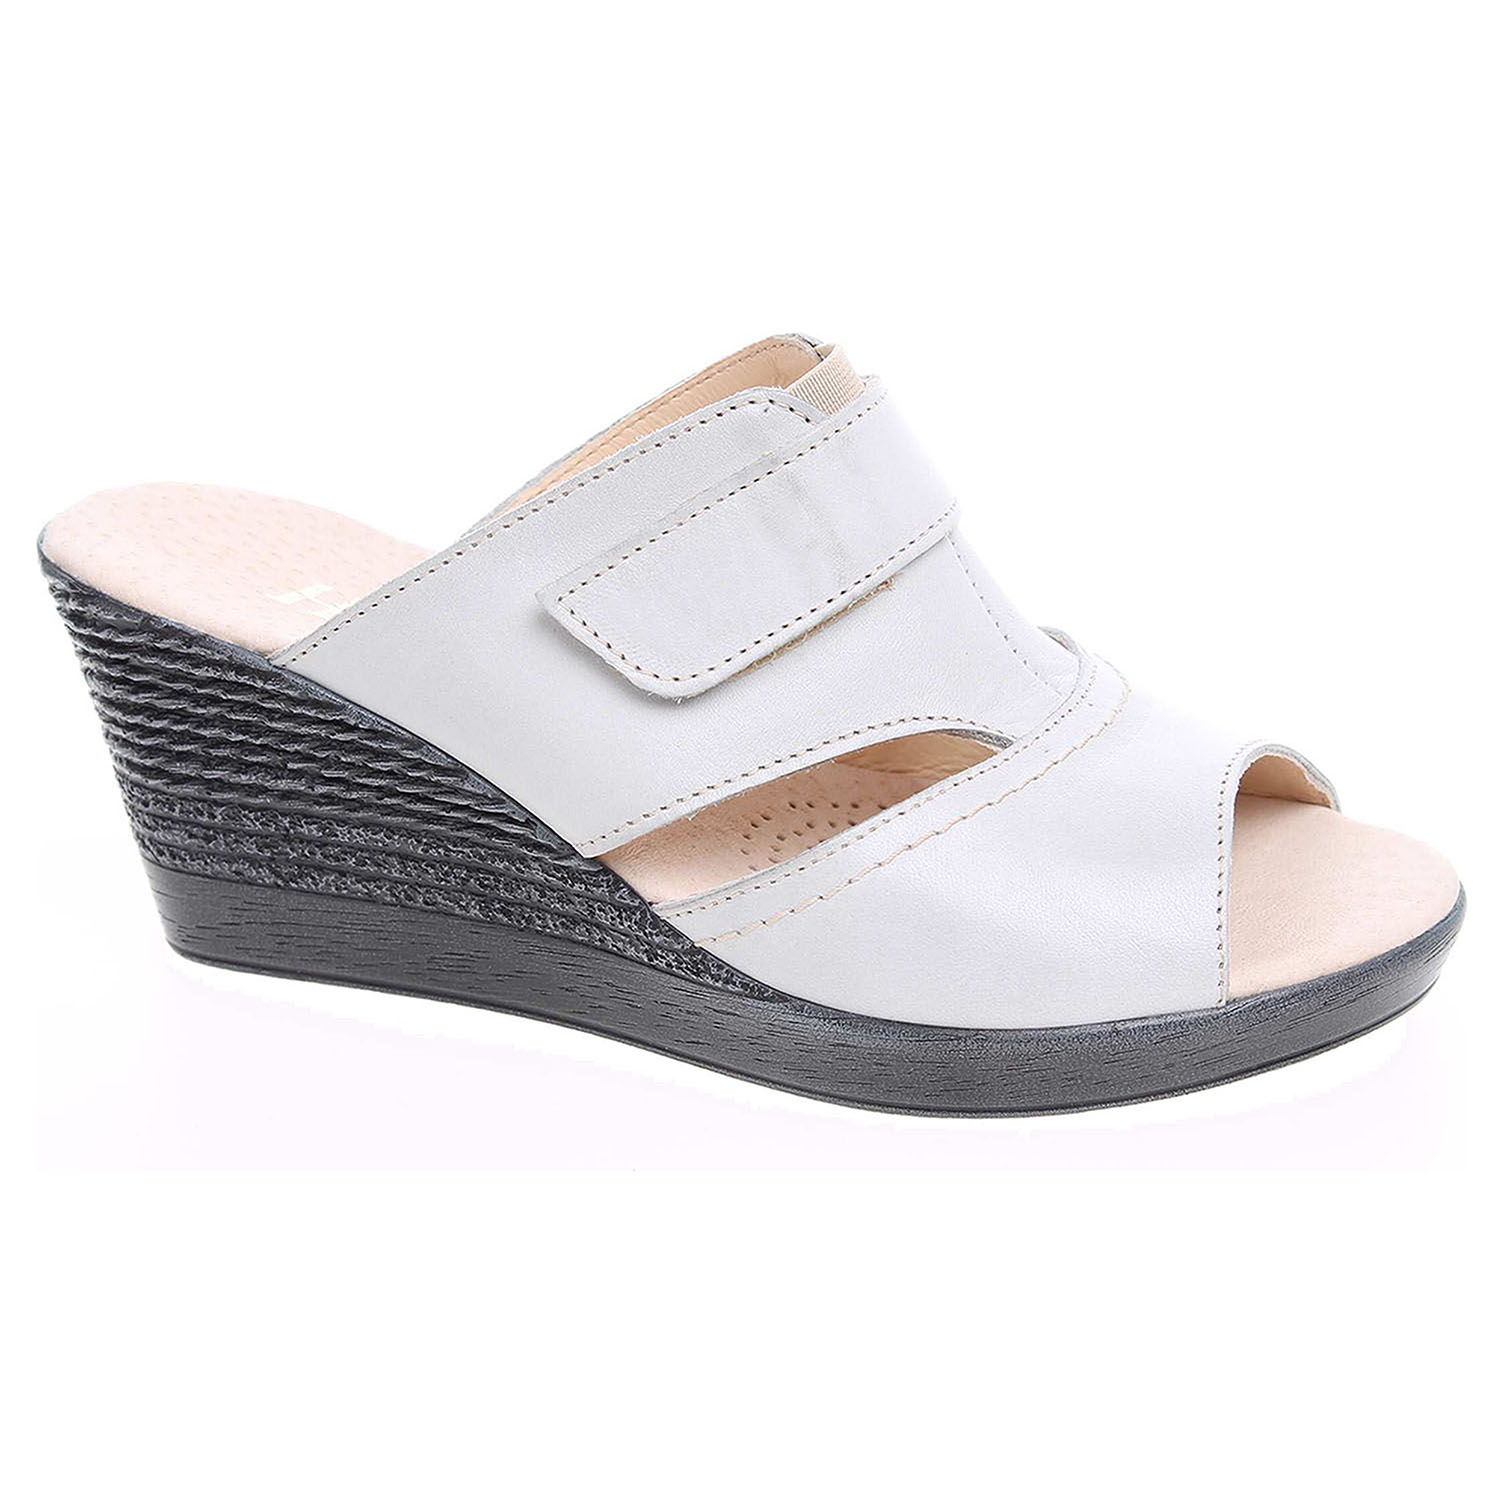 895717bd9544 Ecco Dámské pantofle J 3436 šedé 23600738